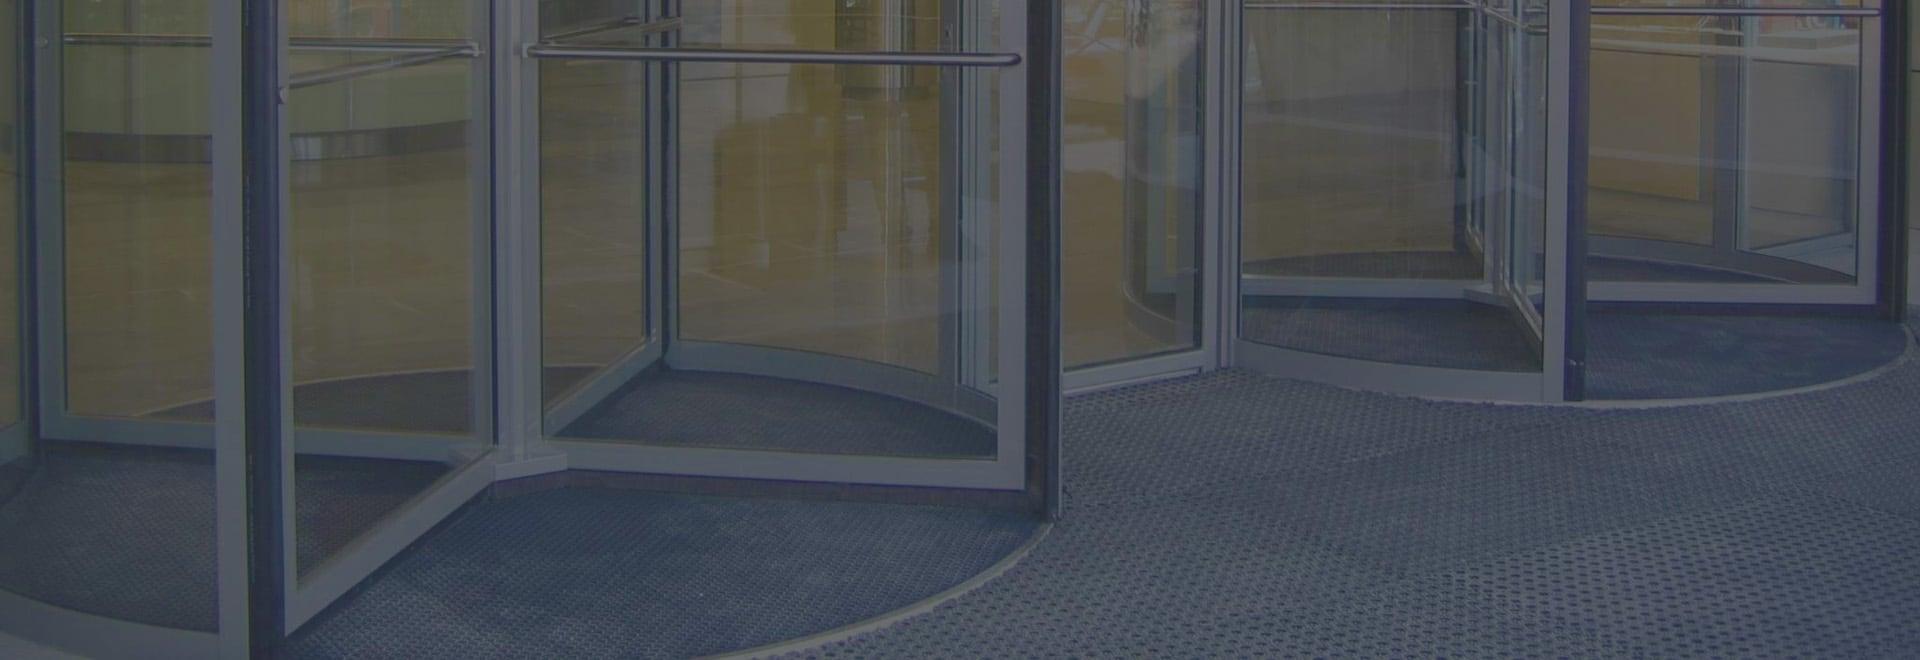 Автоматические приводы автоматических дверей